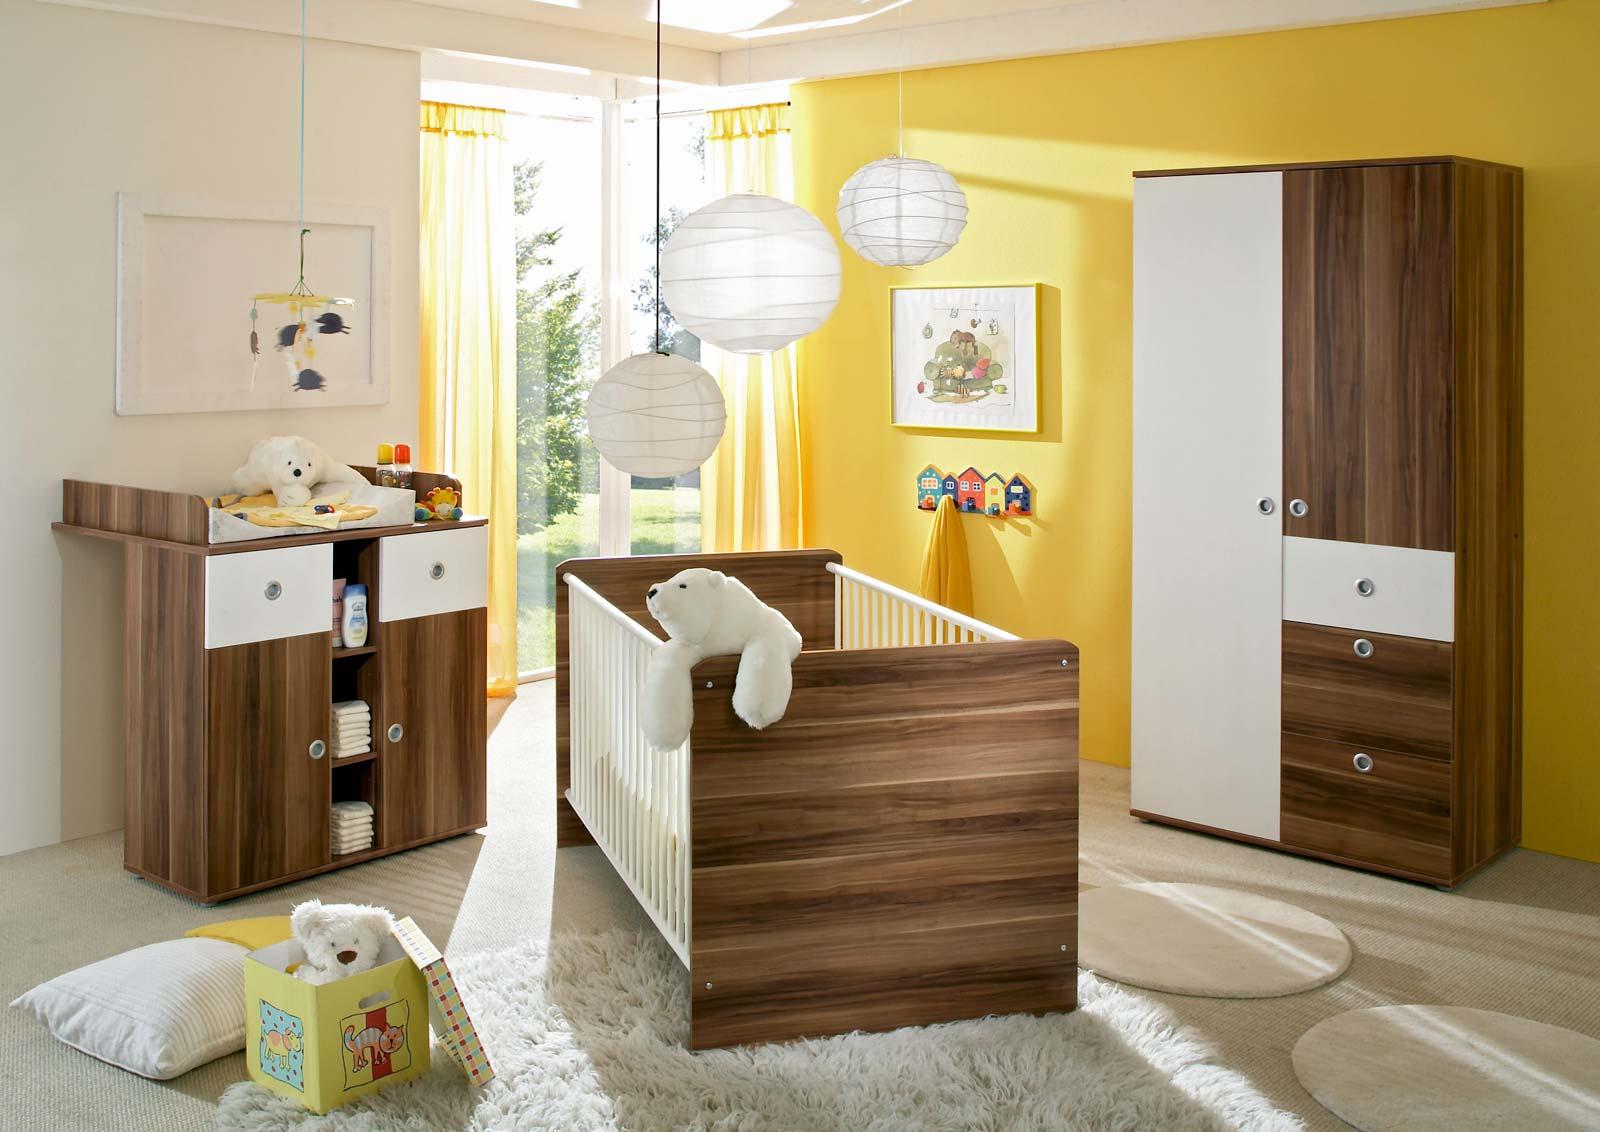 Full Size of Günstige Schlafzimmer Komplett Poco Dusche Set Wohnzimmer Komplettes Bett Komplette Sofa Kinderzimmer Günstig Komplettküche Badezimmer Küche 160x200 Regal Kinderzimmer Komplett Kinderzimmer